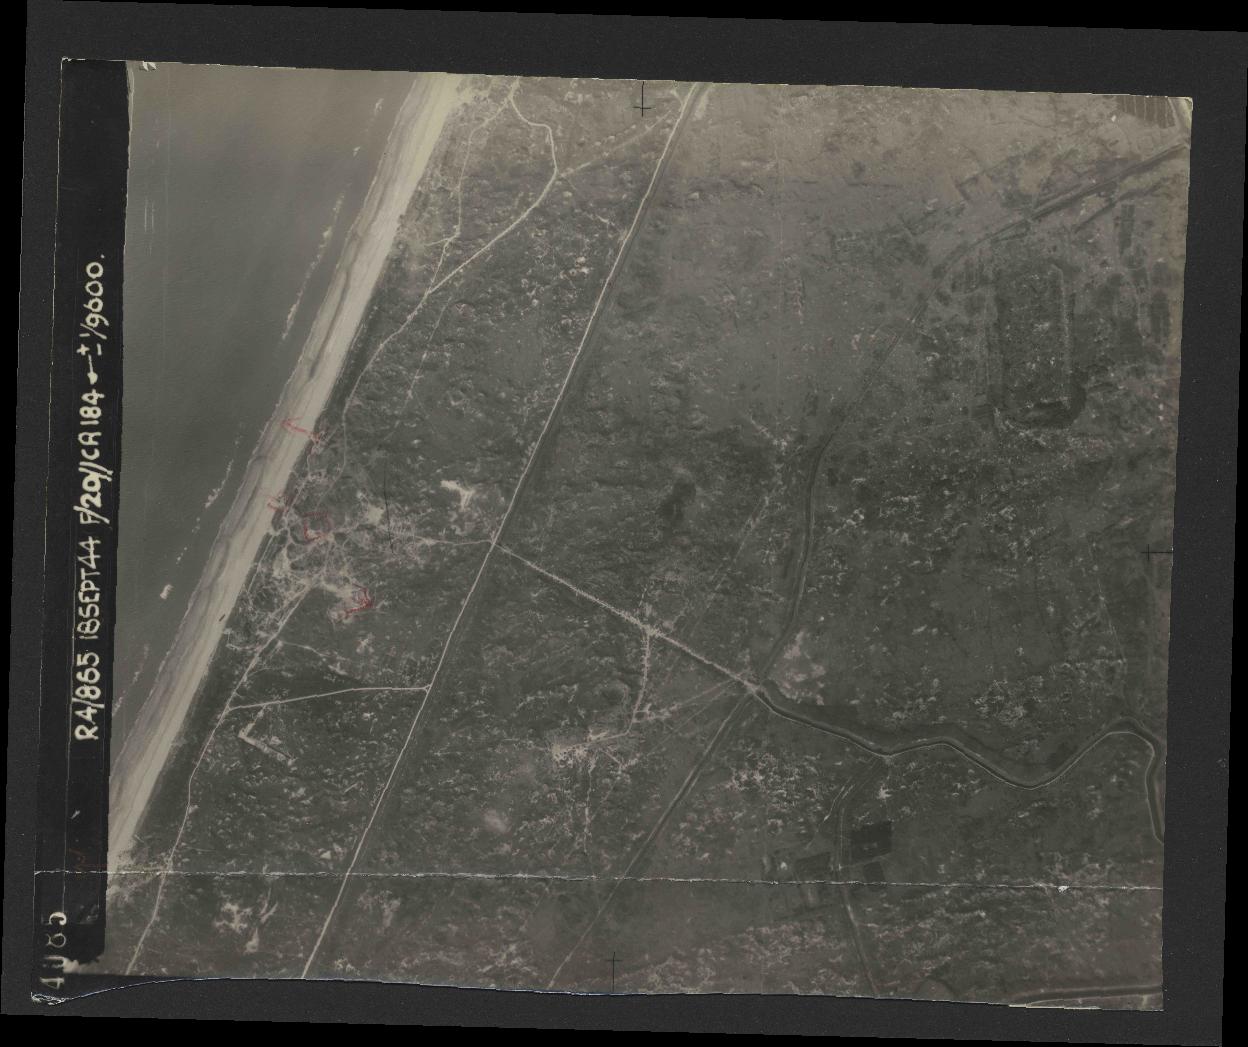 Collection RAF aerial photos 1940-1945 - flight 280, run 07, photo 4085